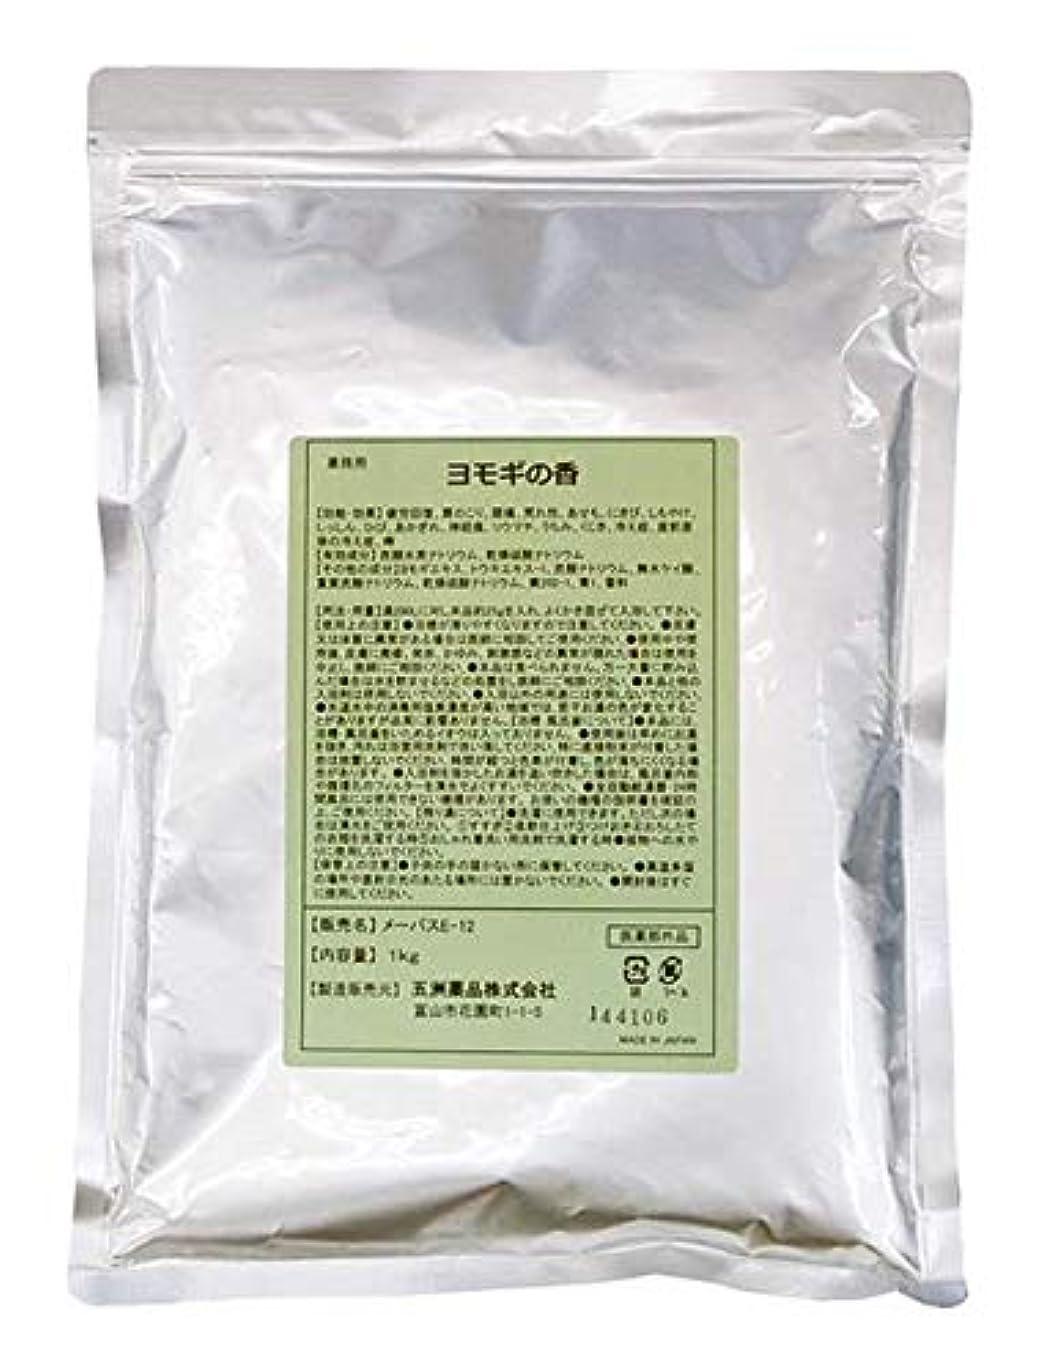 九時四十五分シソーラススキー薬用入浴剤 業務用 ヨモギの香 1kg [医薬部外品]